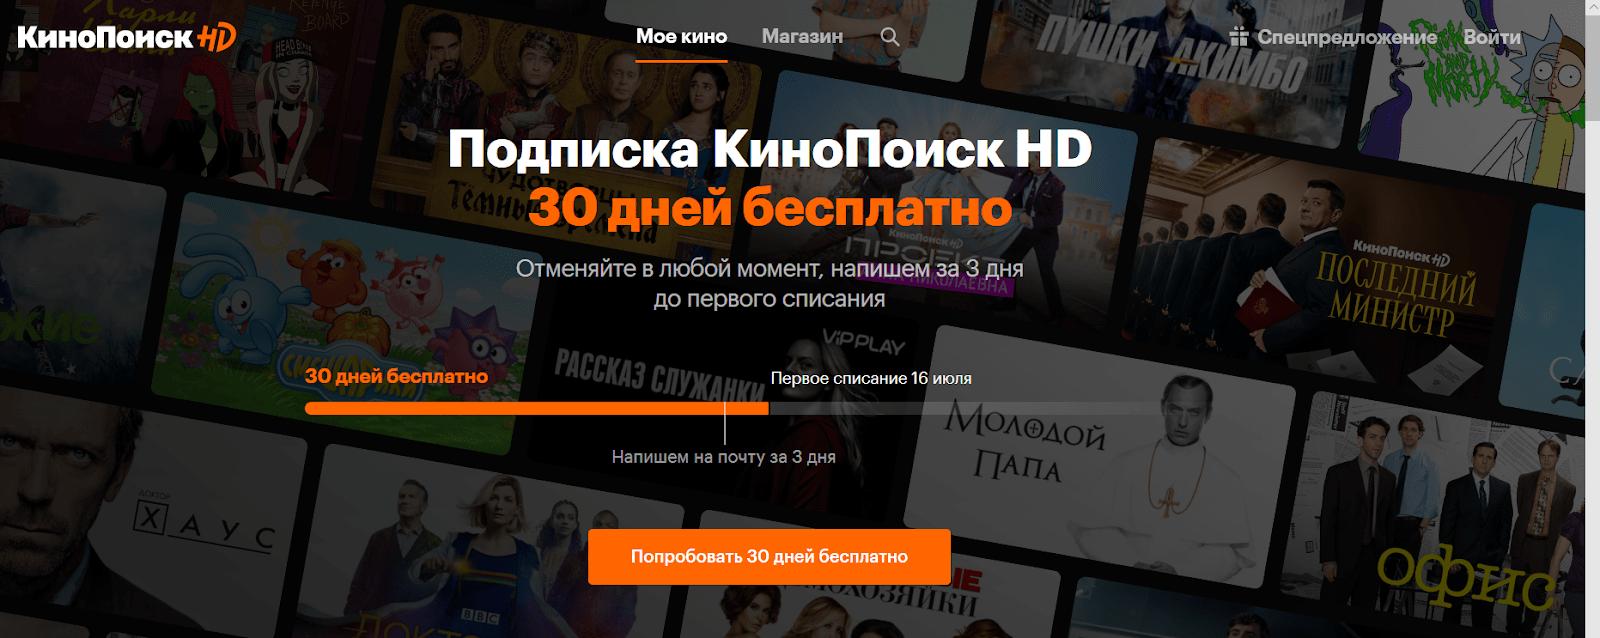 КиноПоиск предлагает бесплатную подписку и тут же обещает, что отказаться можно будет в любой момент, а сервис предупредит о списании денег за 3 дня. Итог — вы ничем не рискуете